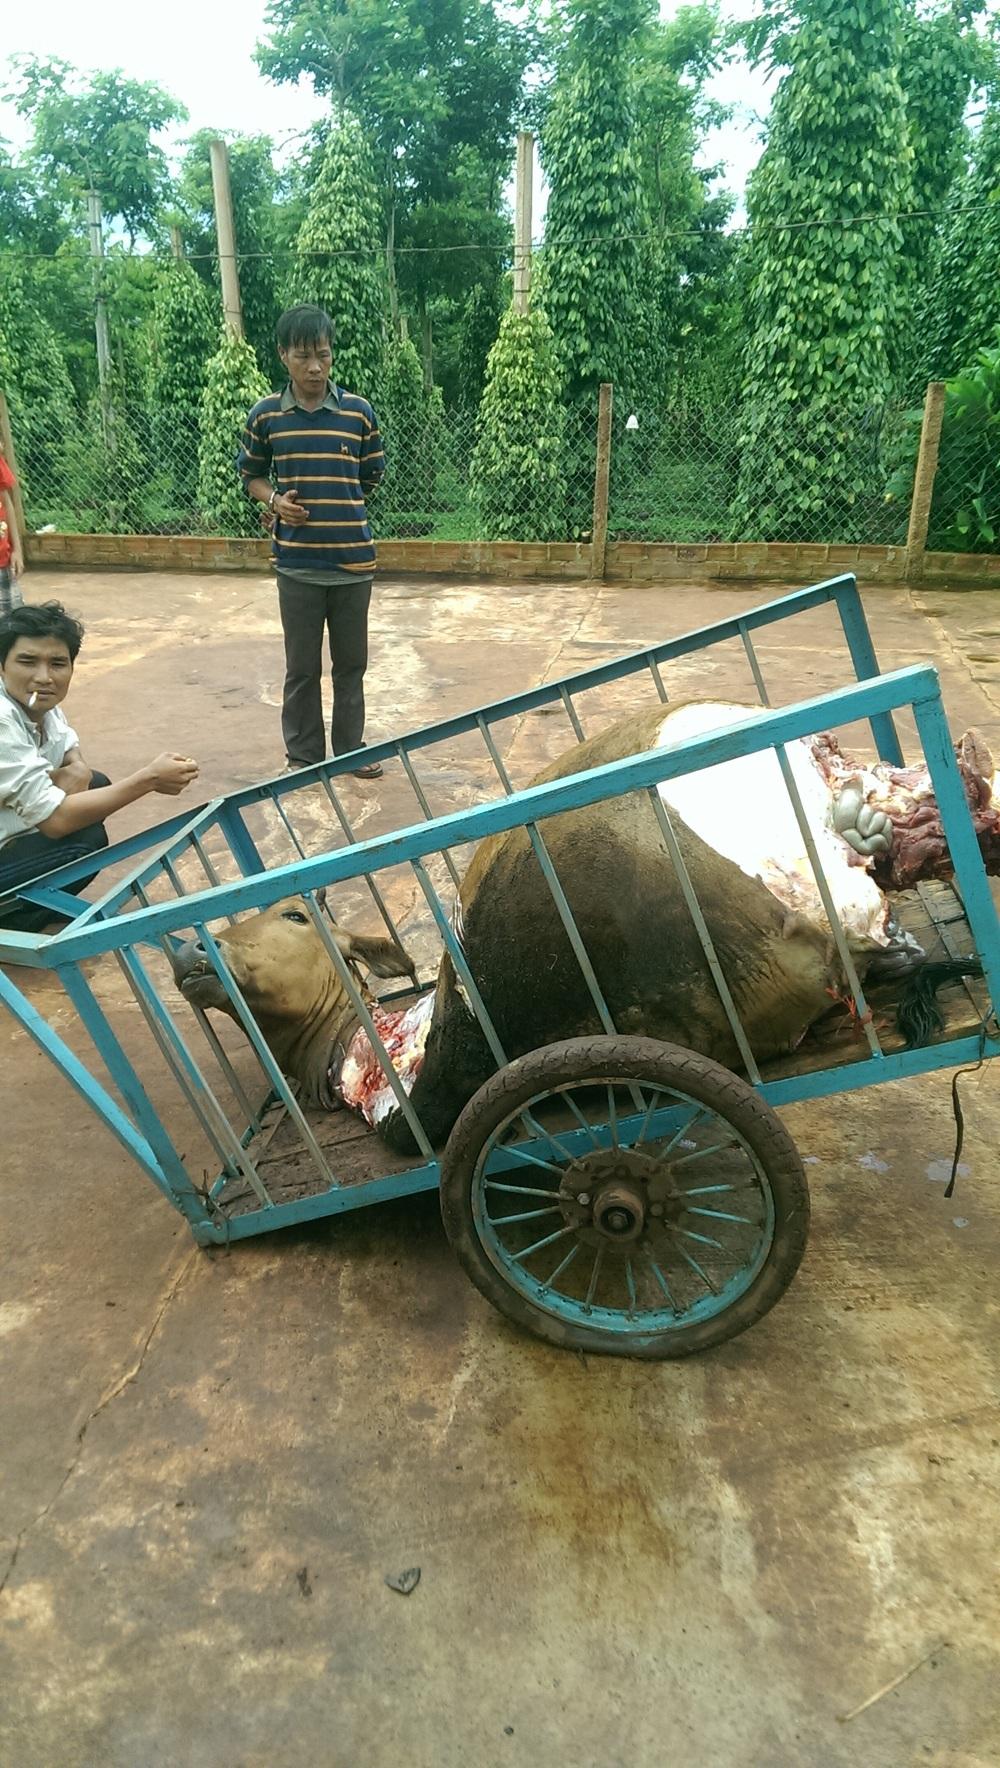 Con bò bị giết hại dã man và xẻ lấy 1 phần cơ thể